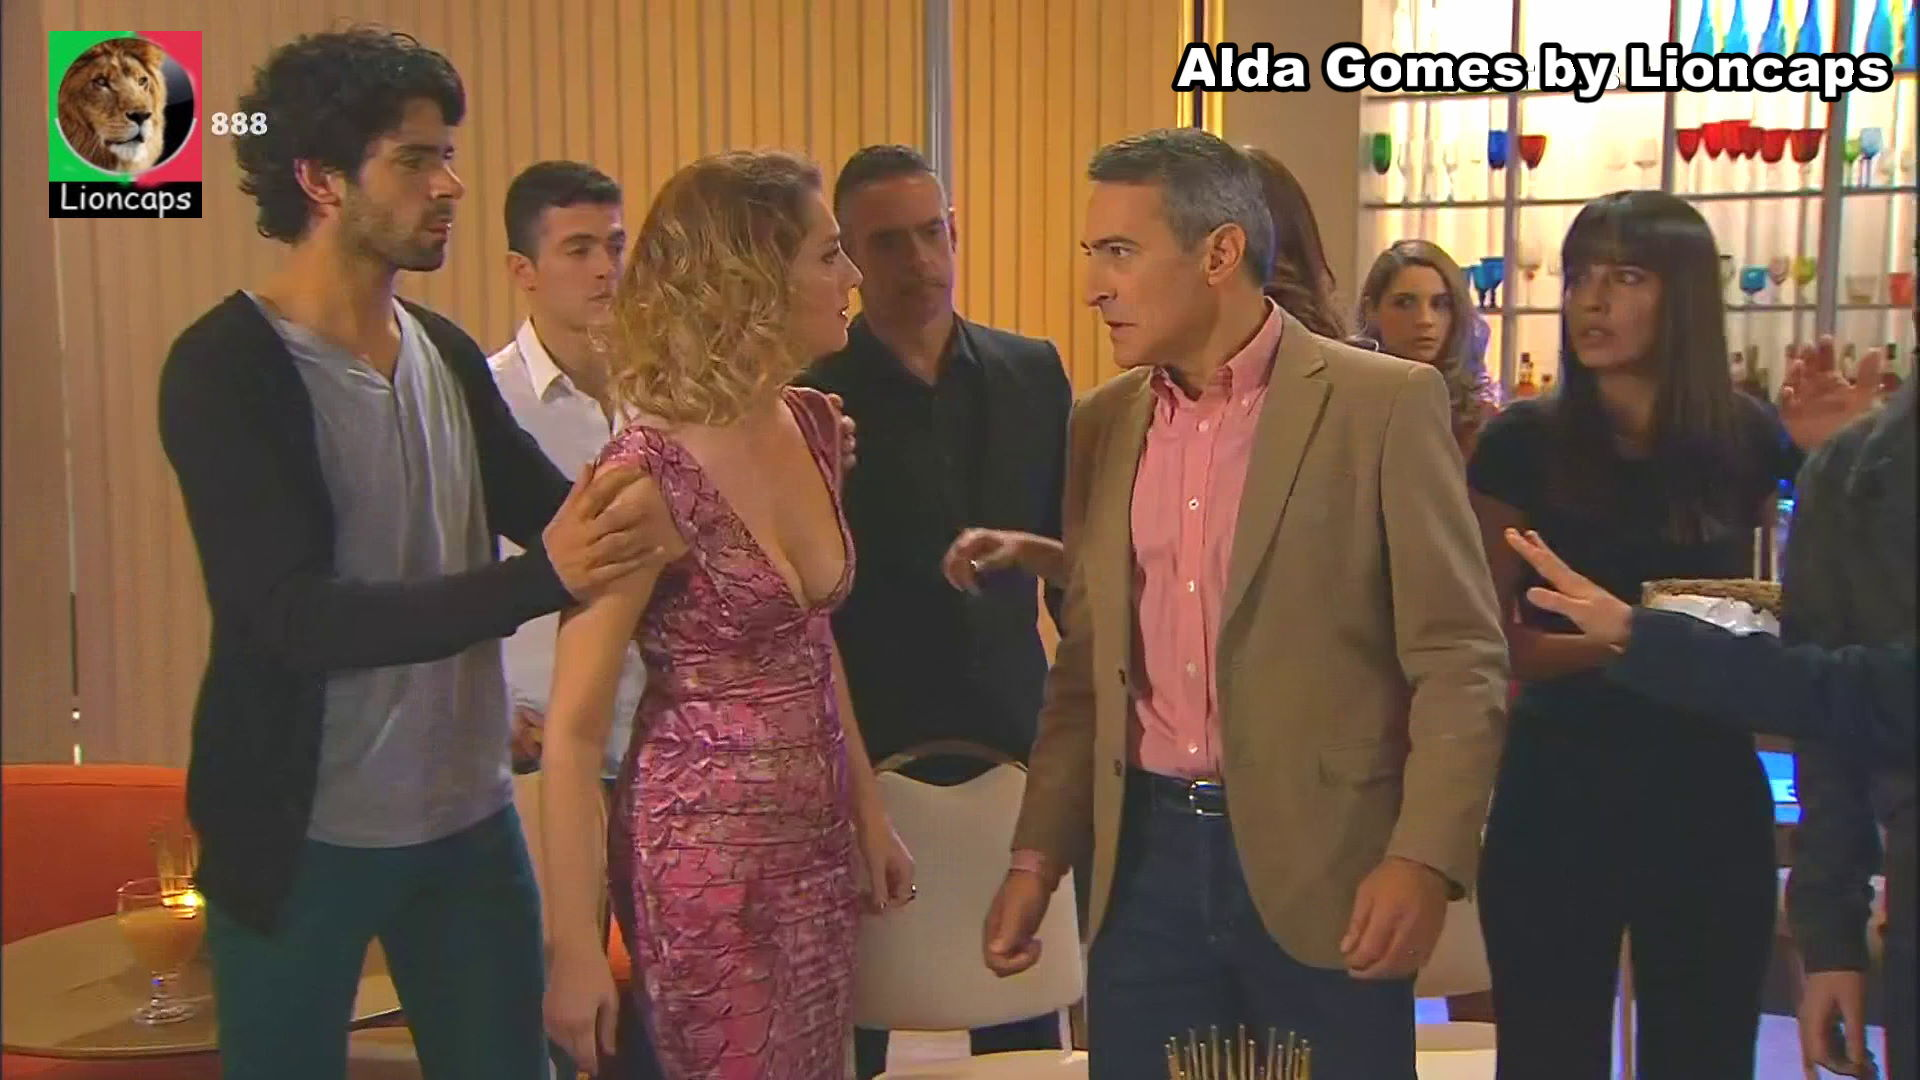 alda_gomes_vs200603-073 (8).JPG